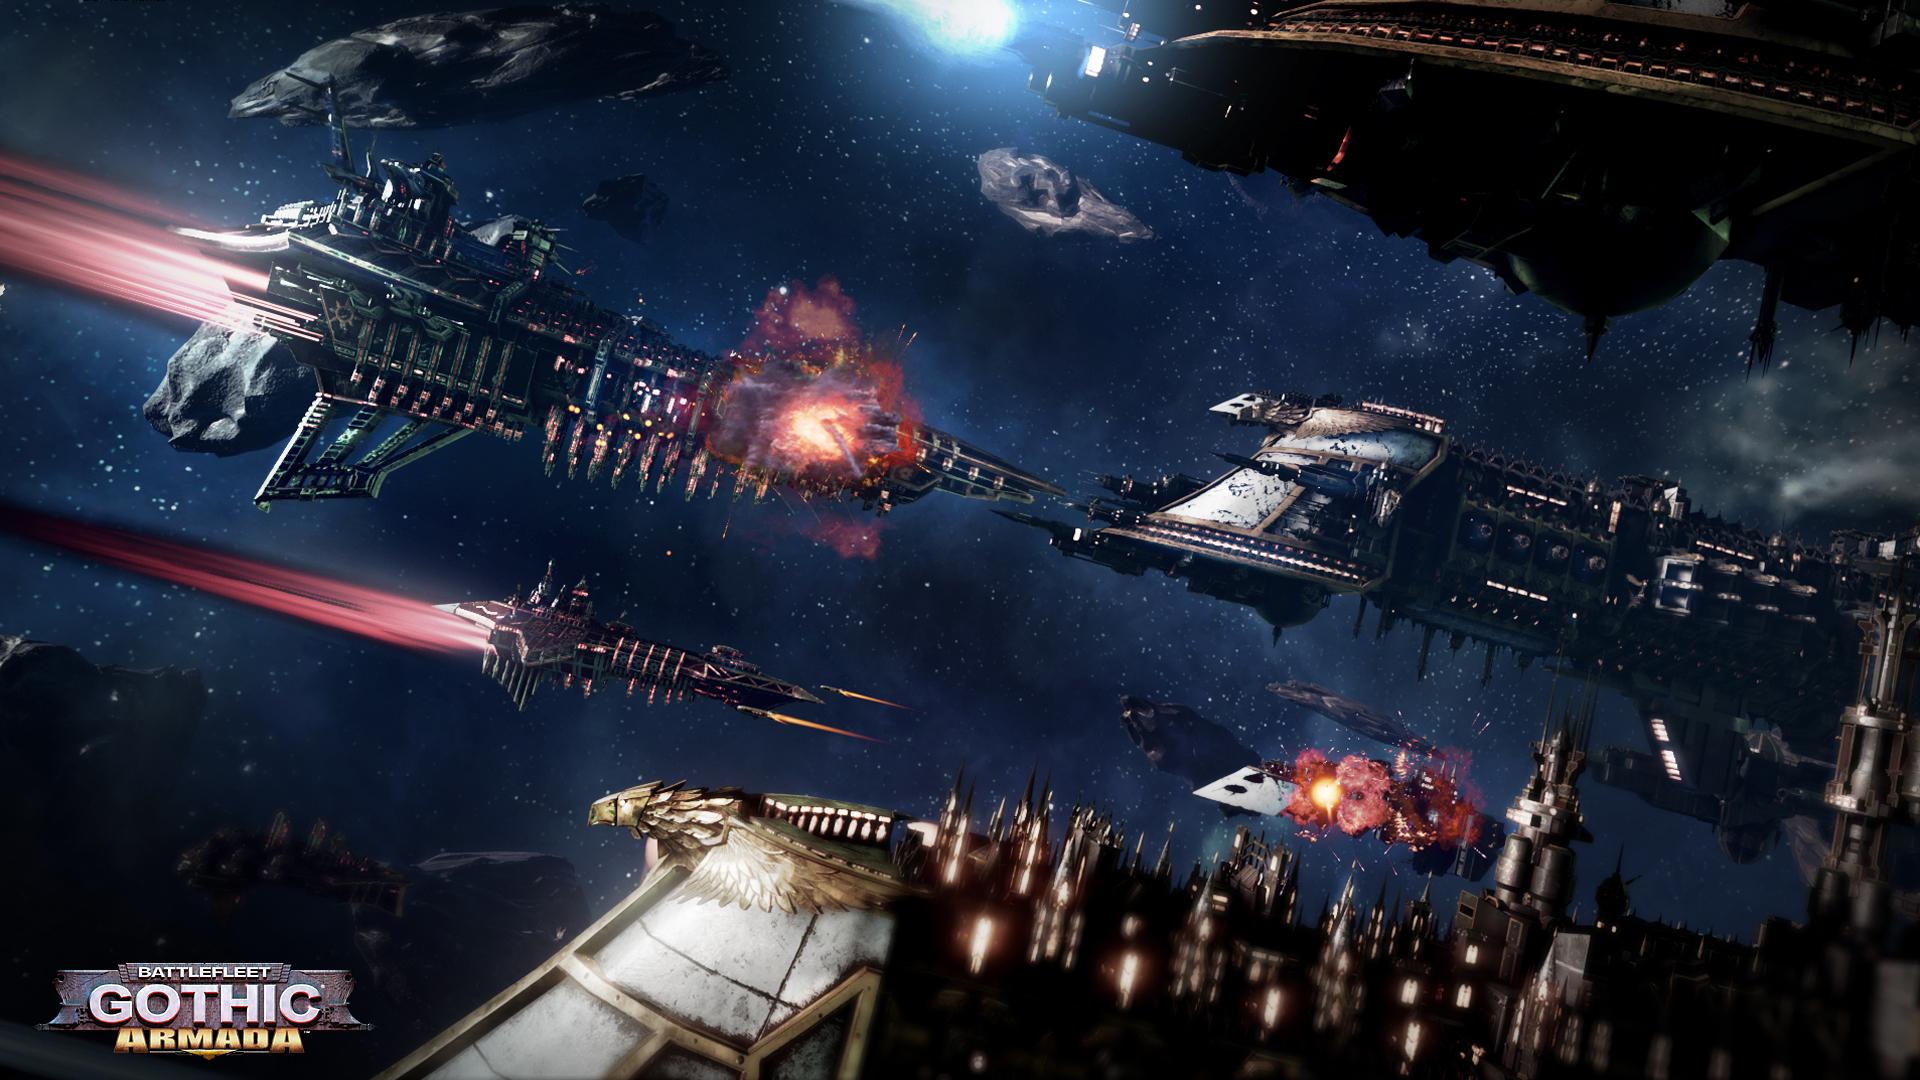 Obrázky ze Space Hulk: Deathwing a Battlefleet Gothic: Armada 109775